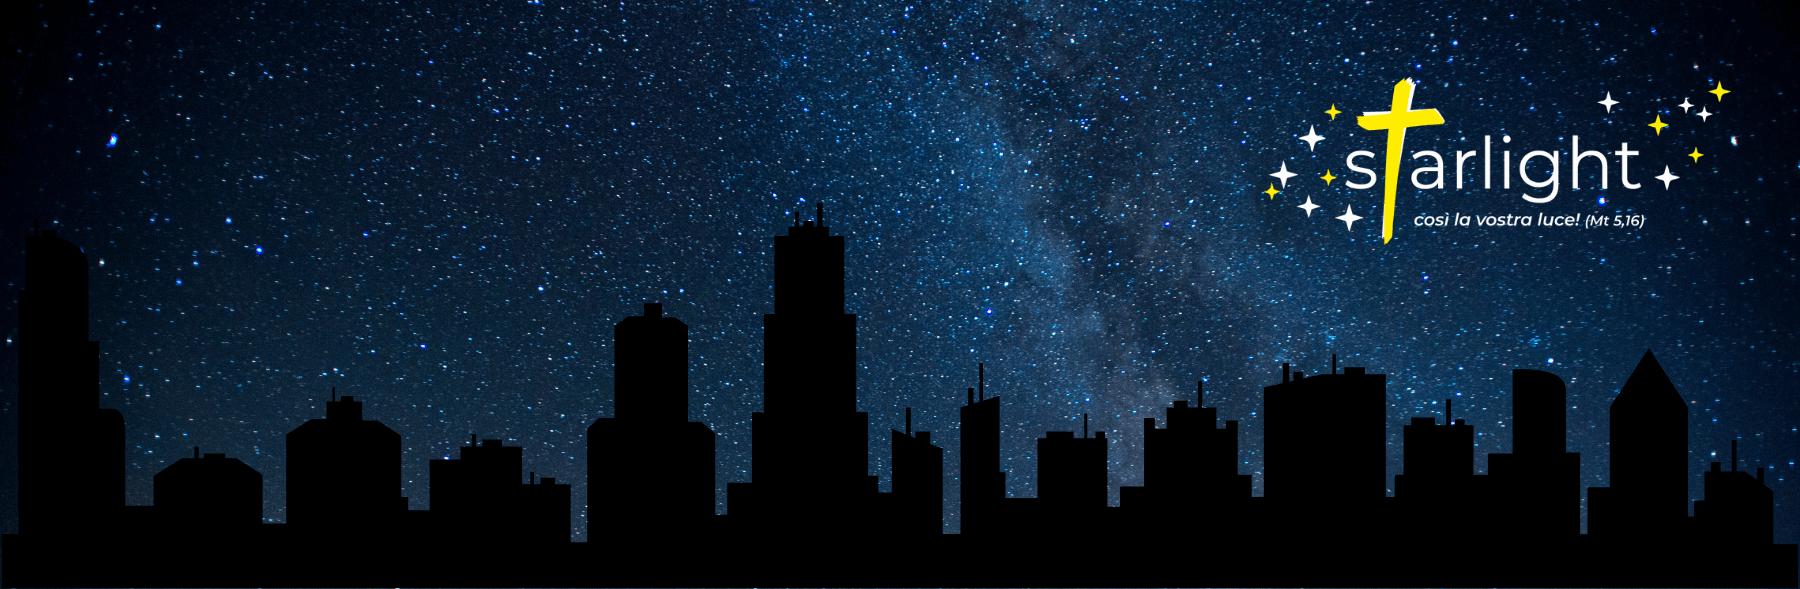 Starlight 2020